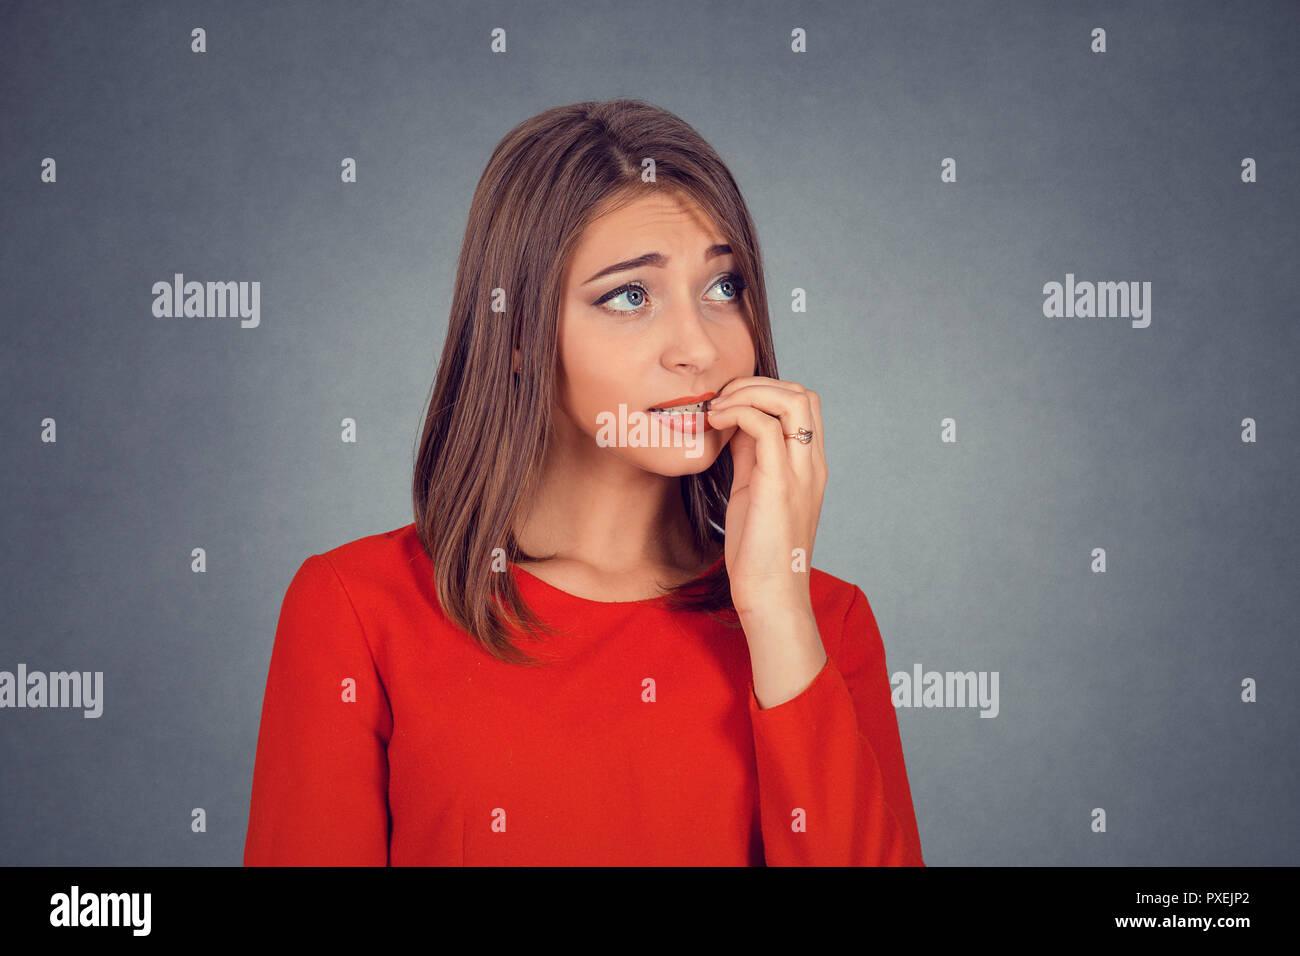 Nervoso donna cerca di mordere le unghie il suo desiderio di qualcosa Immagini Stock